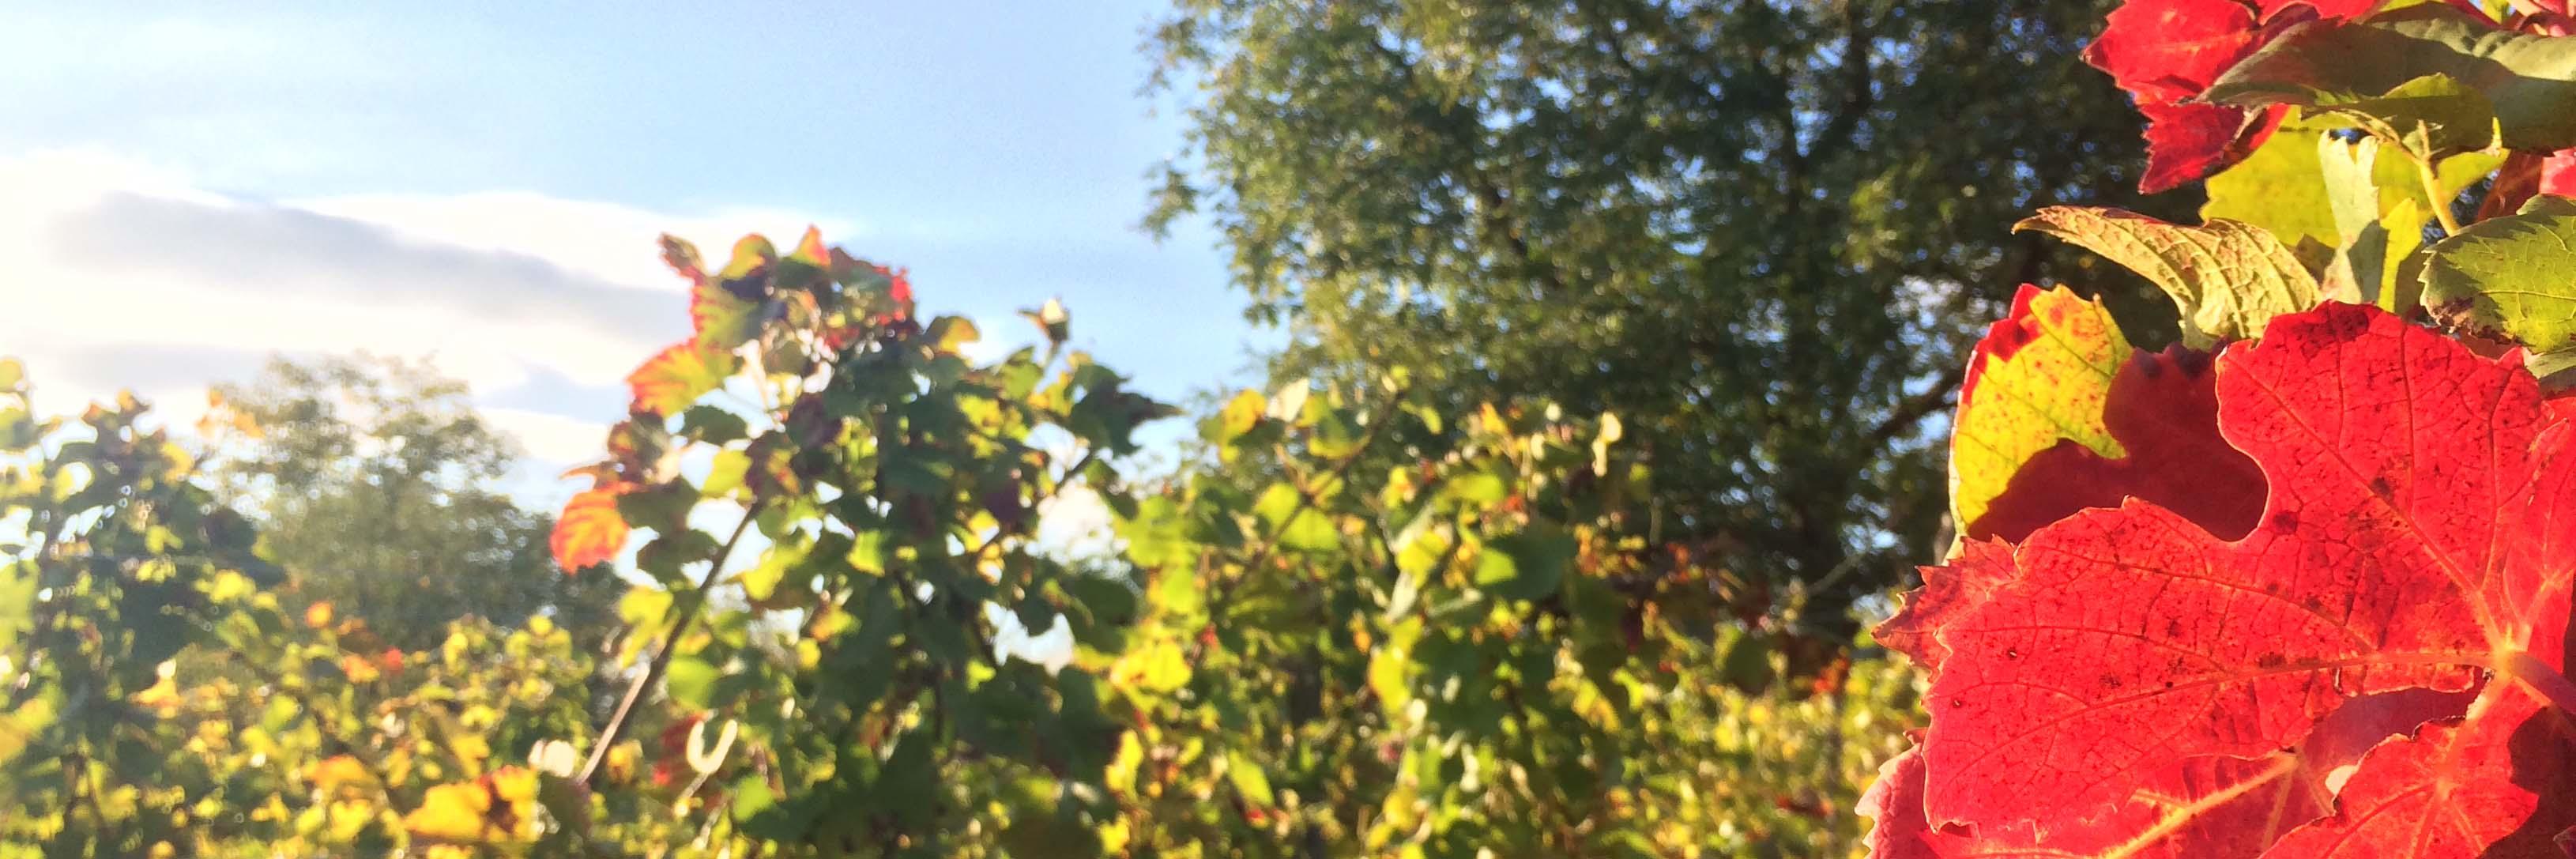 Herbstlaub in den Weinbergen von Bad Schönborn